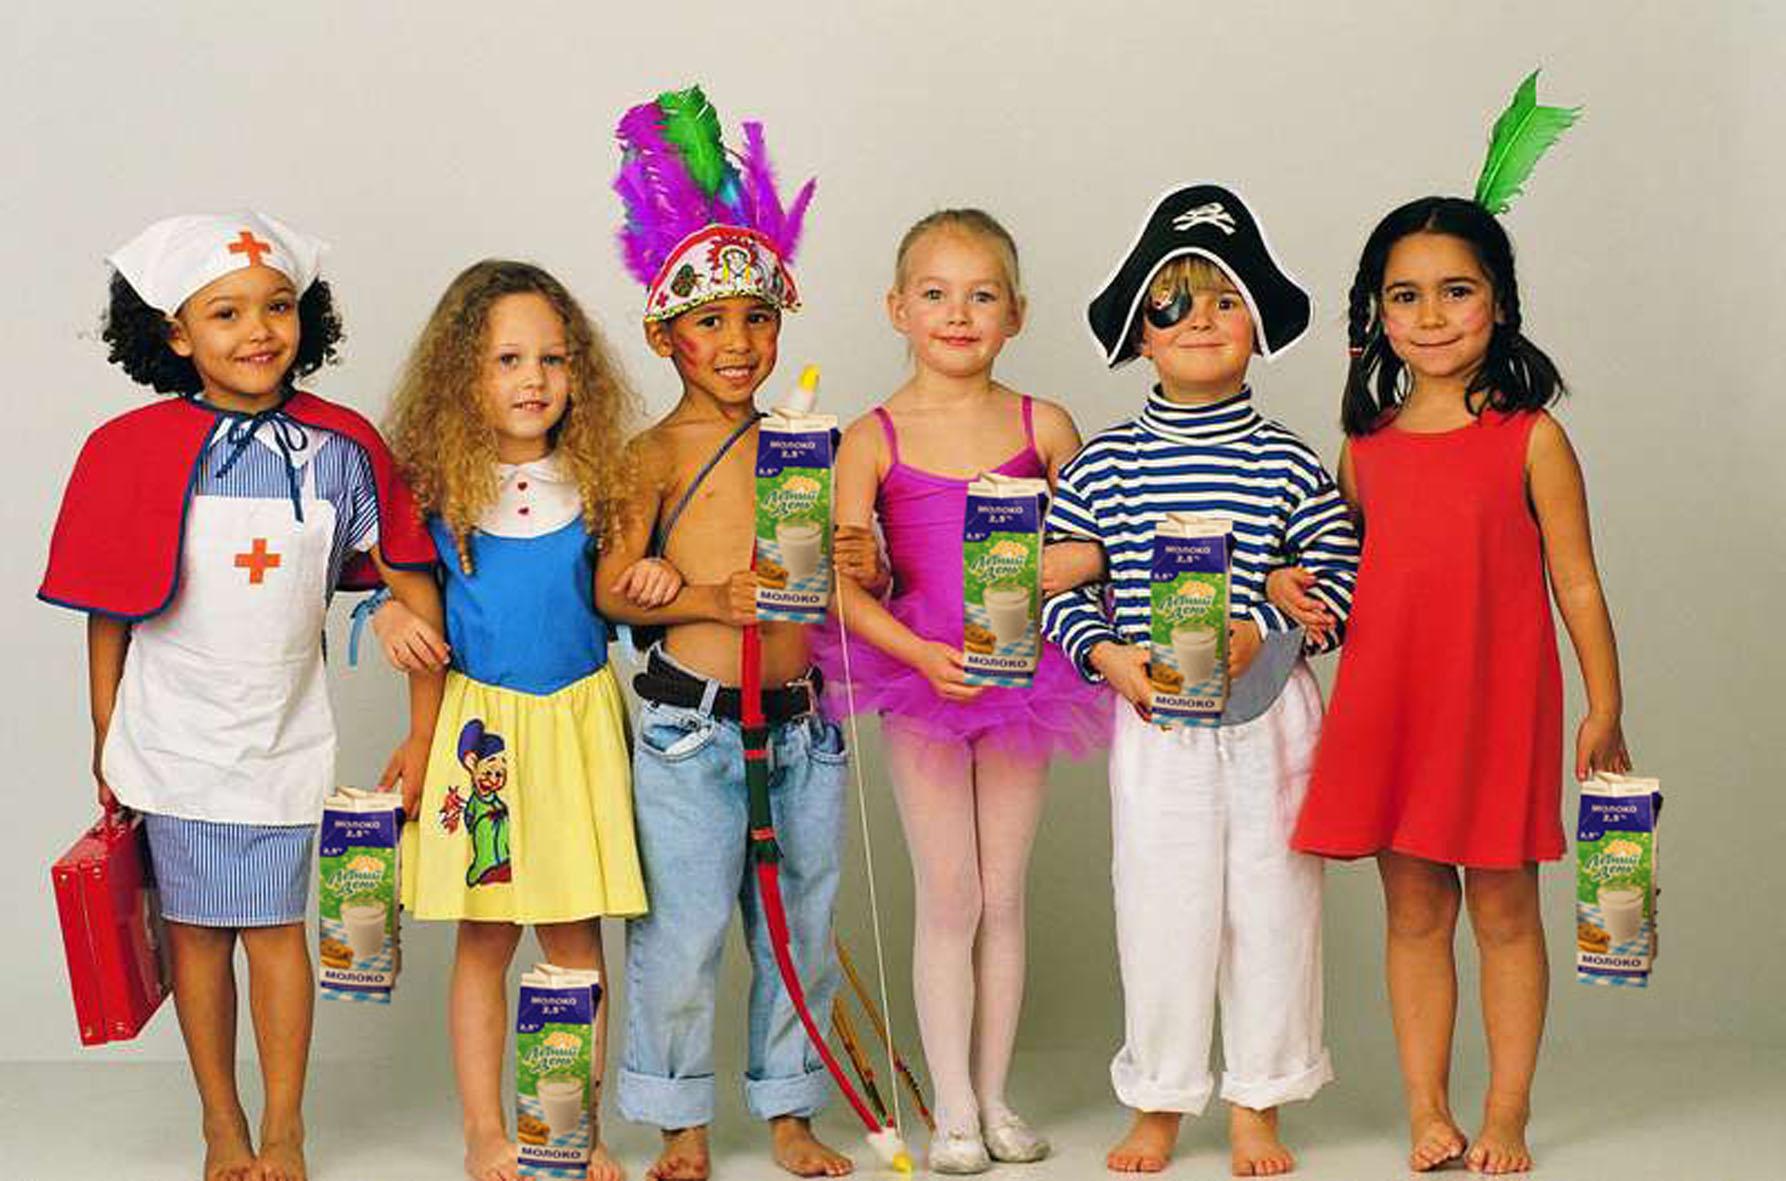 Конкурс фото детей рекламы